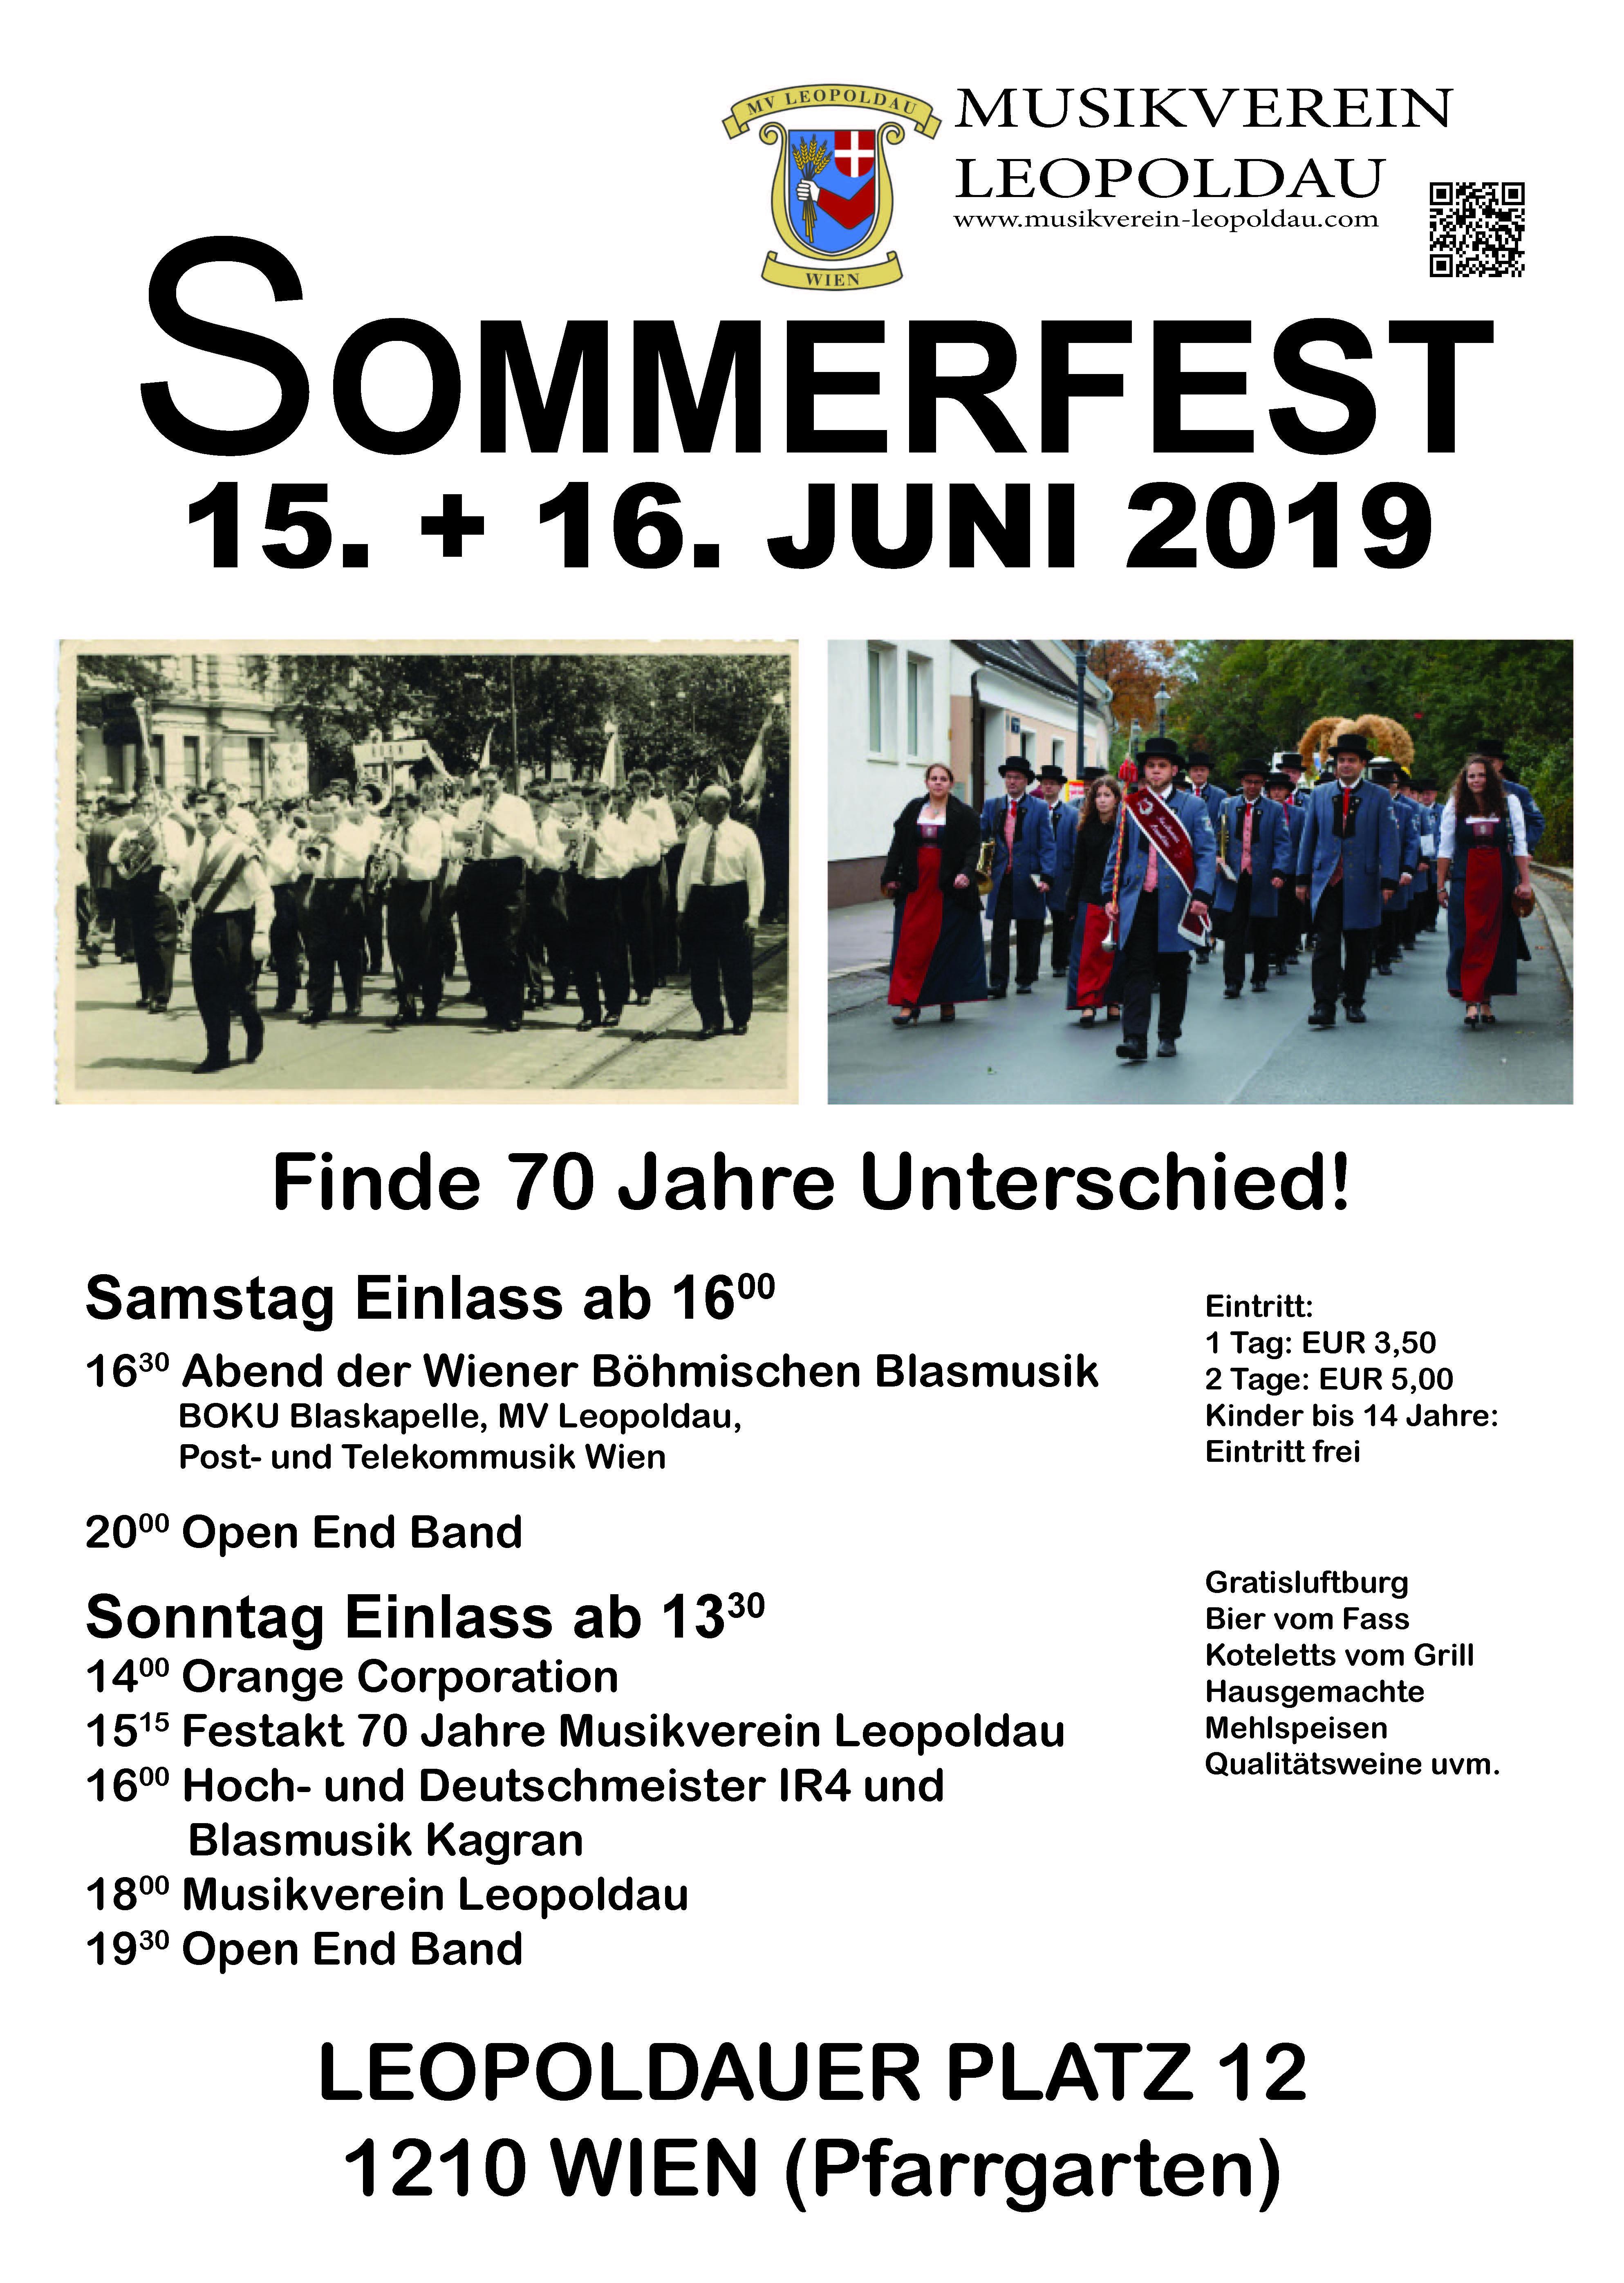 Sommerfest – Musikverein Leopoldau